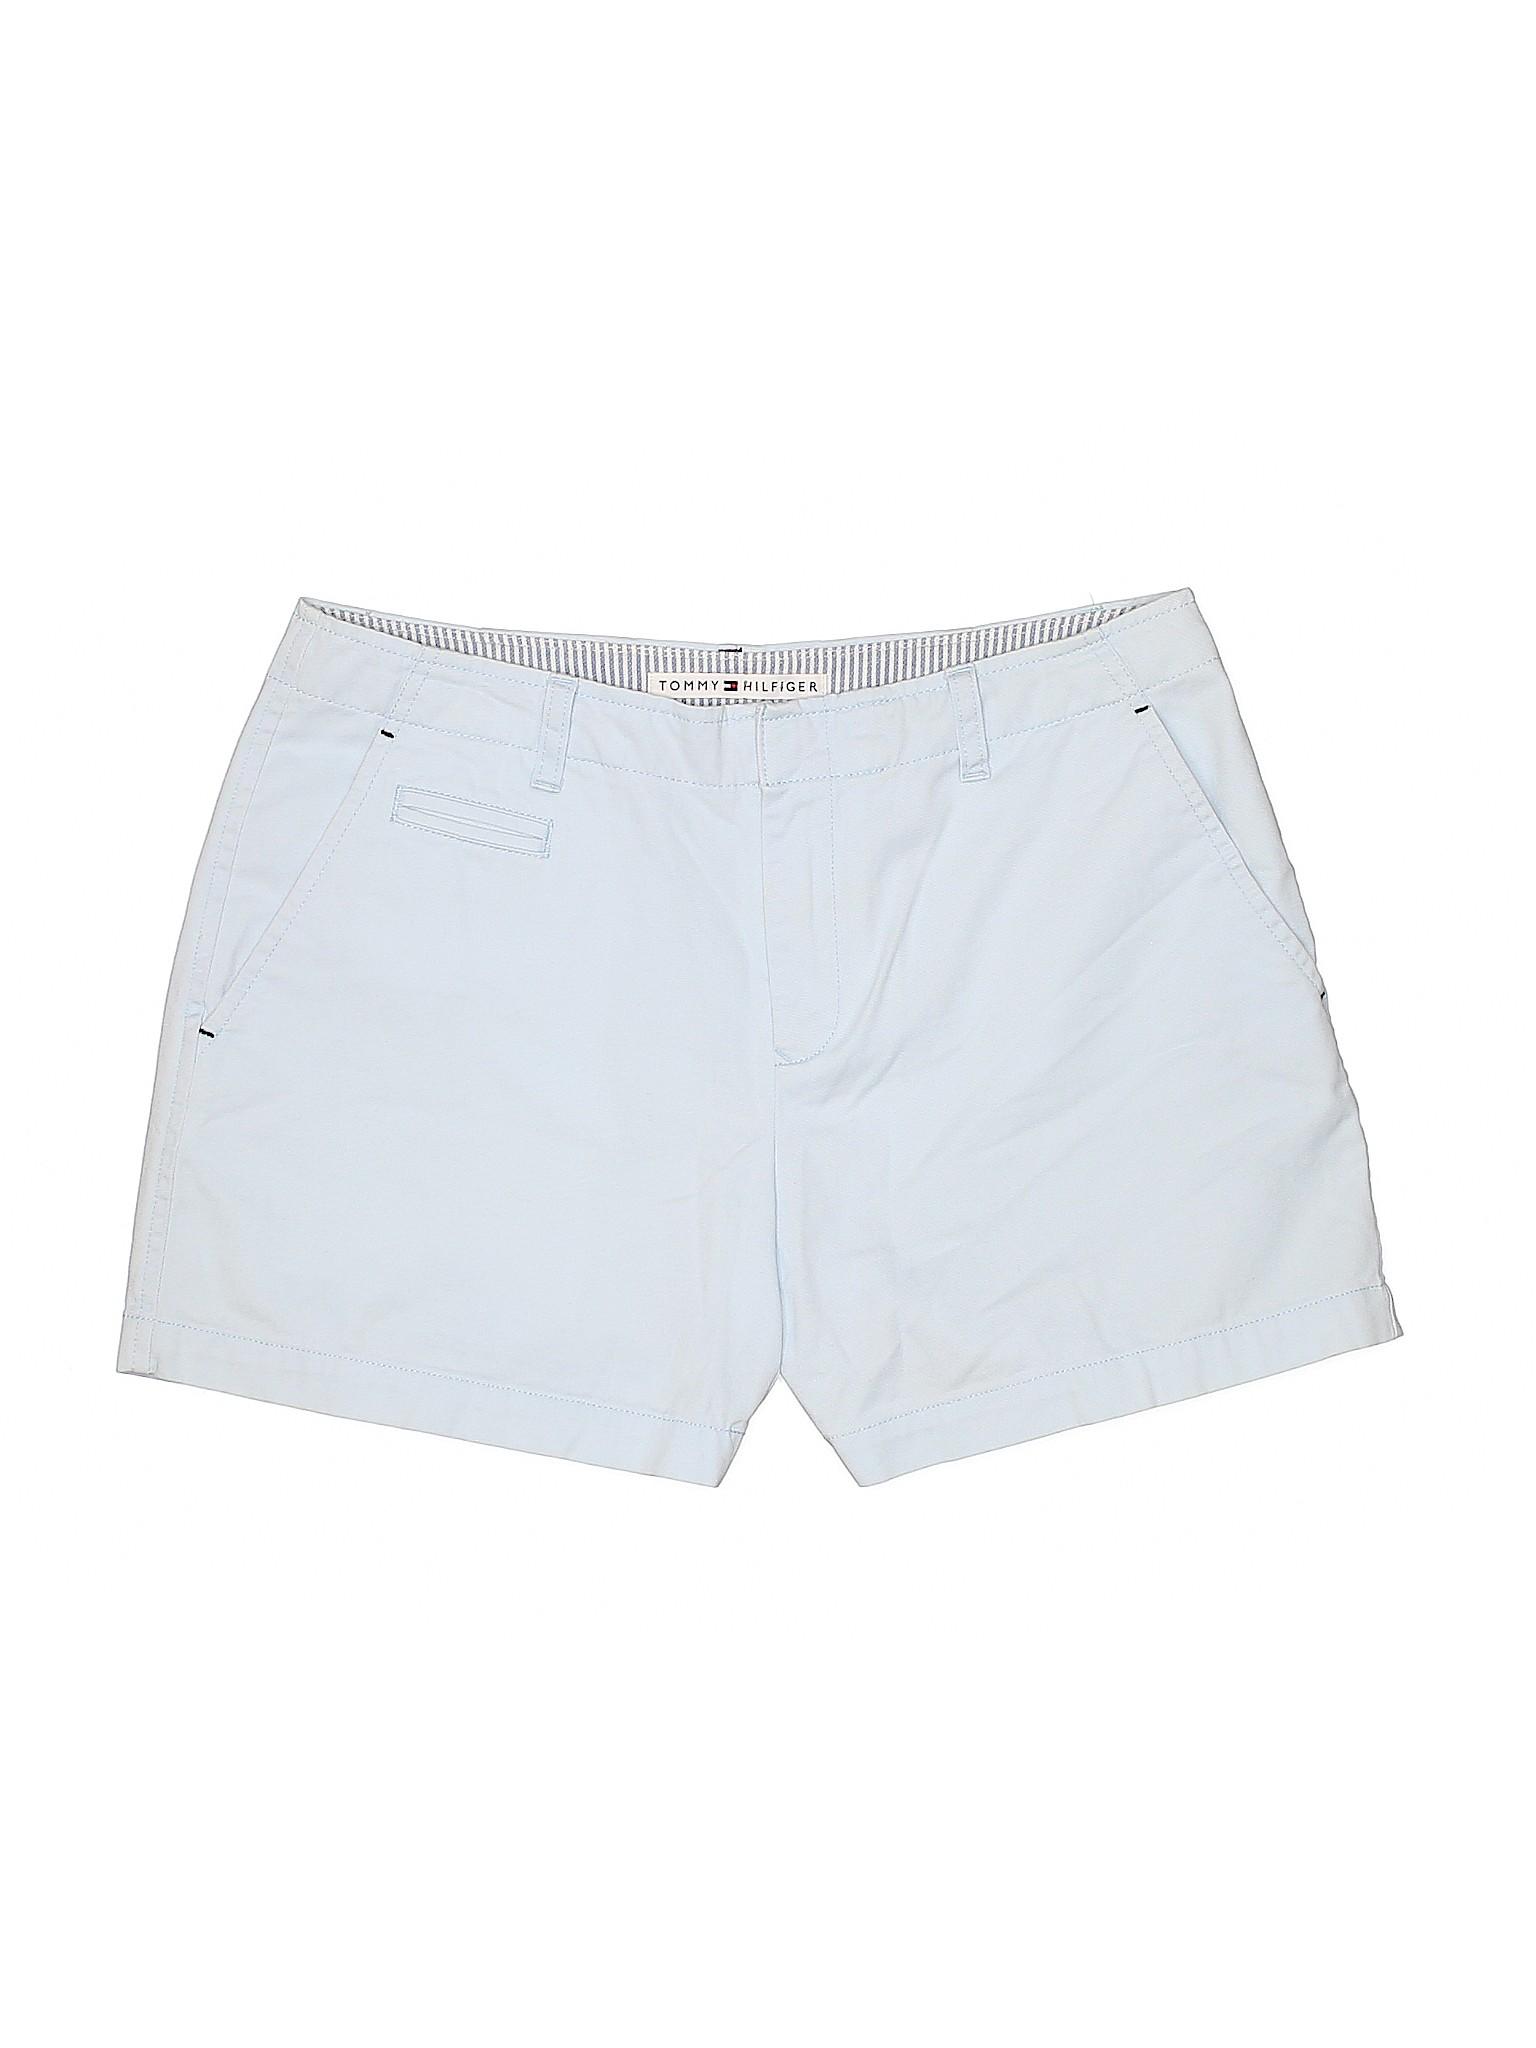 Boutique Boutique Tommy Hilfiger leisure Shorts leisure wHqxRwO5r